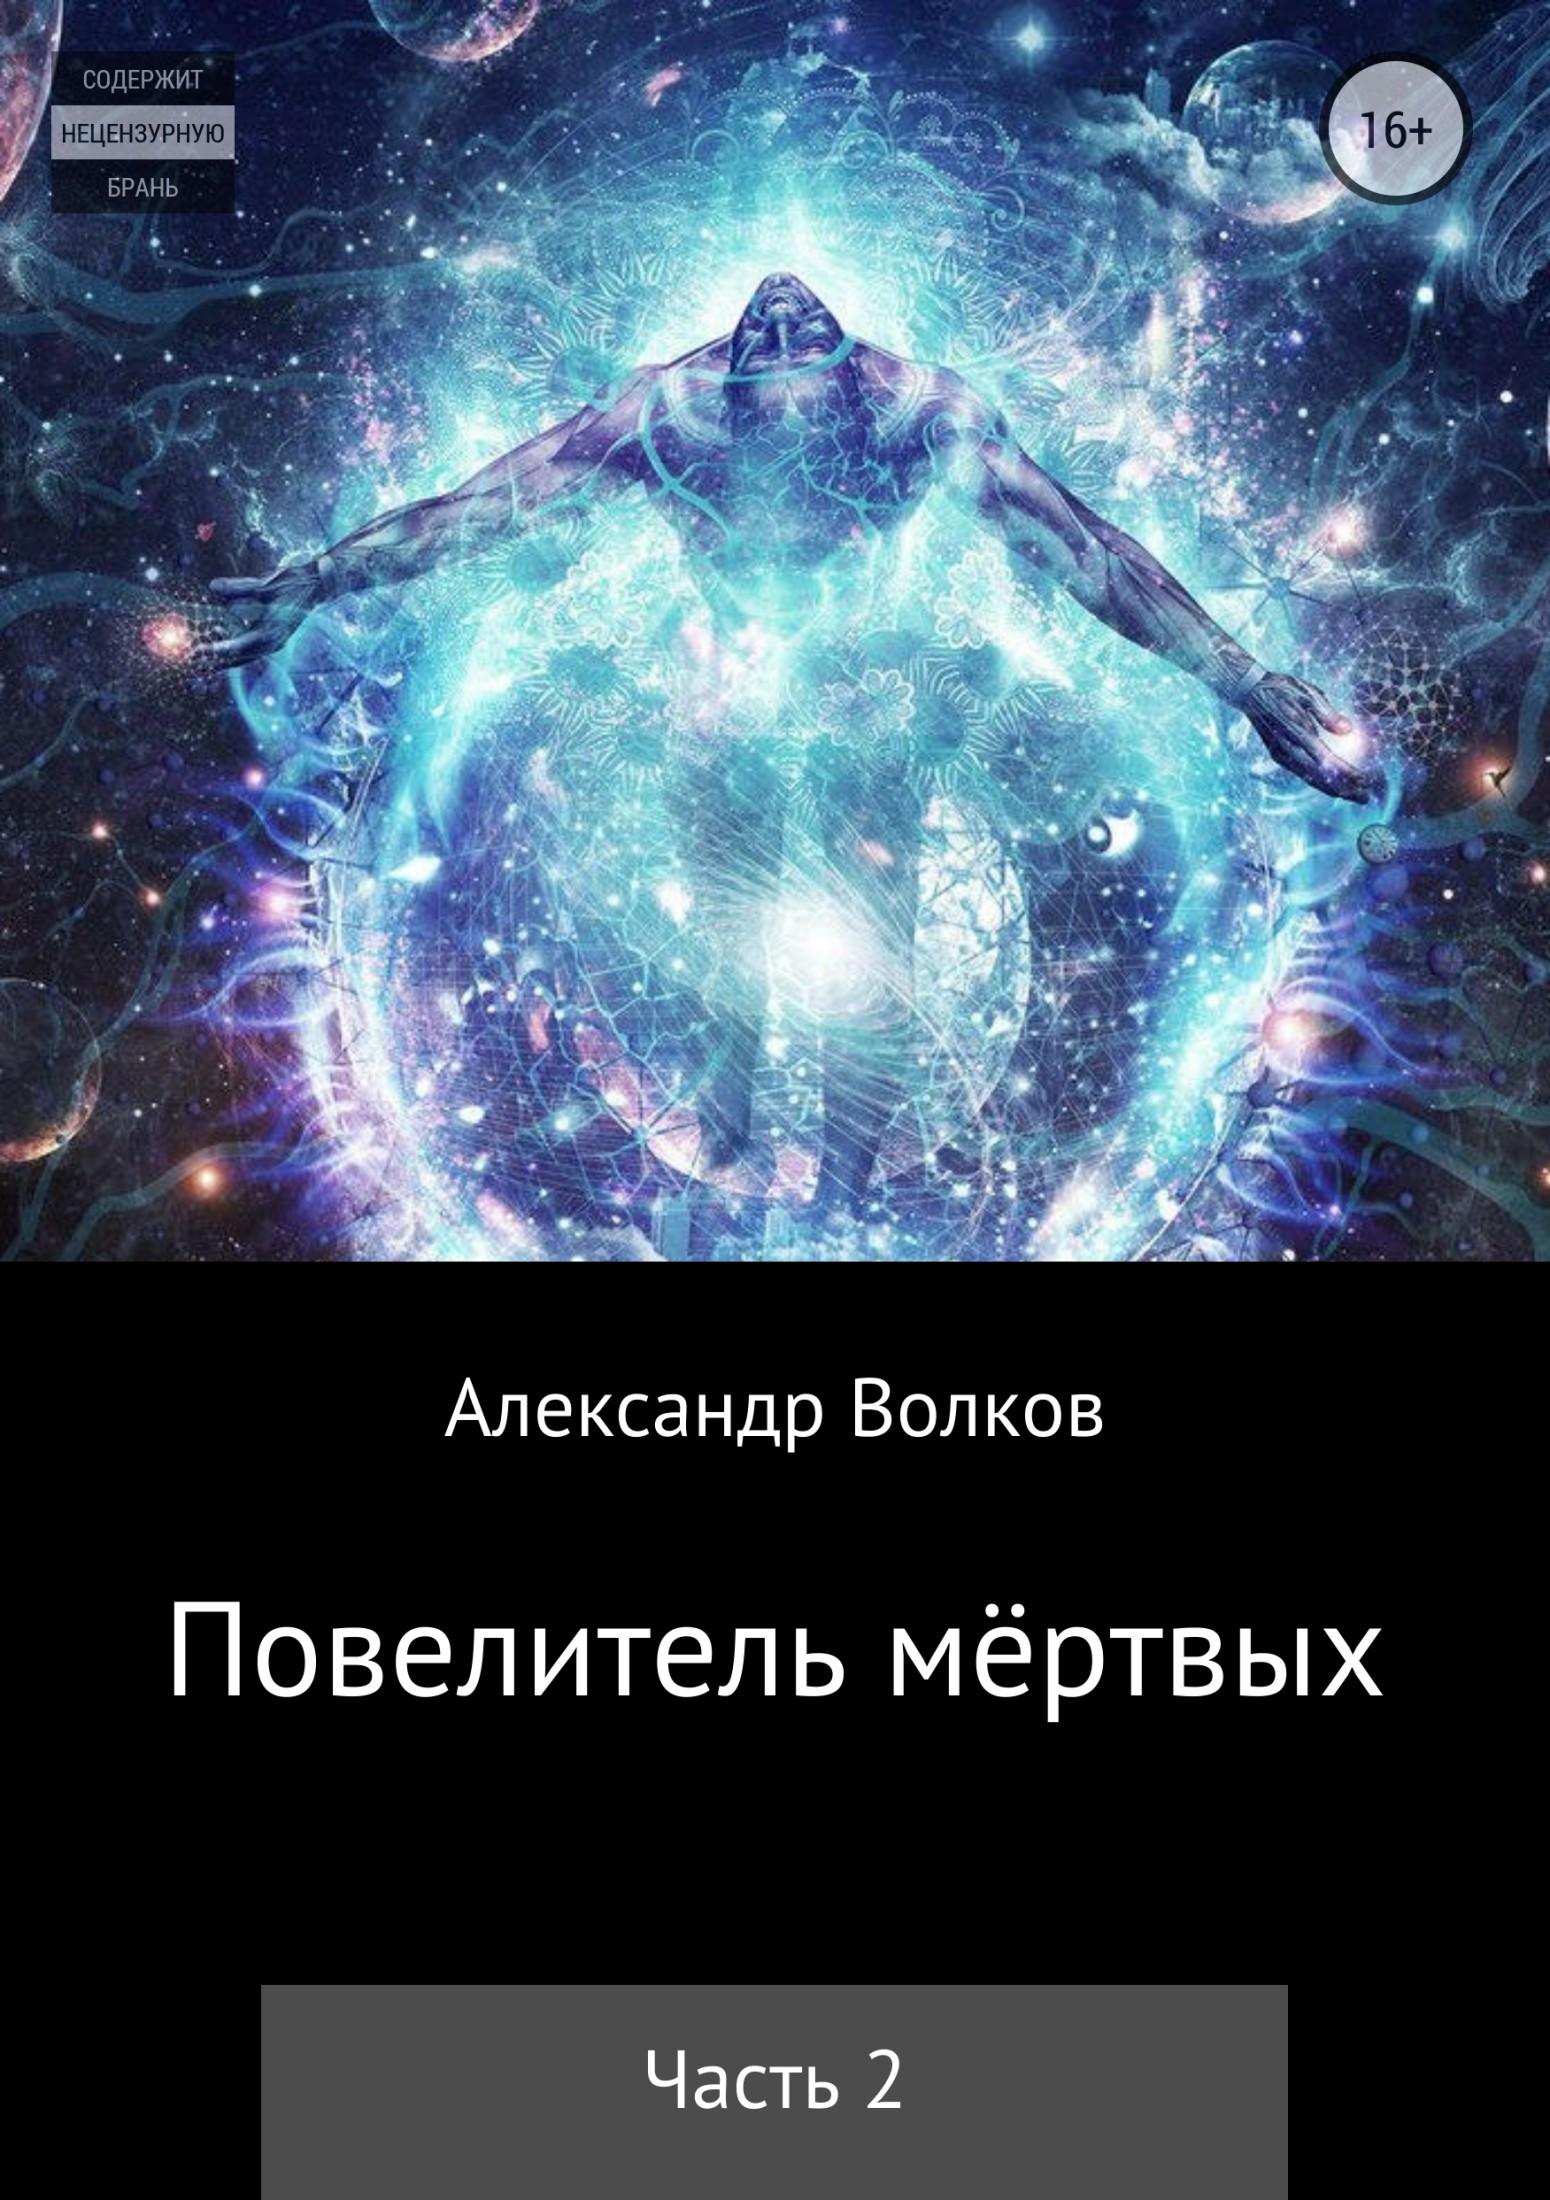 Александр Волков - Повелитель мертвых. Часть 2